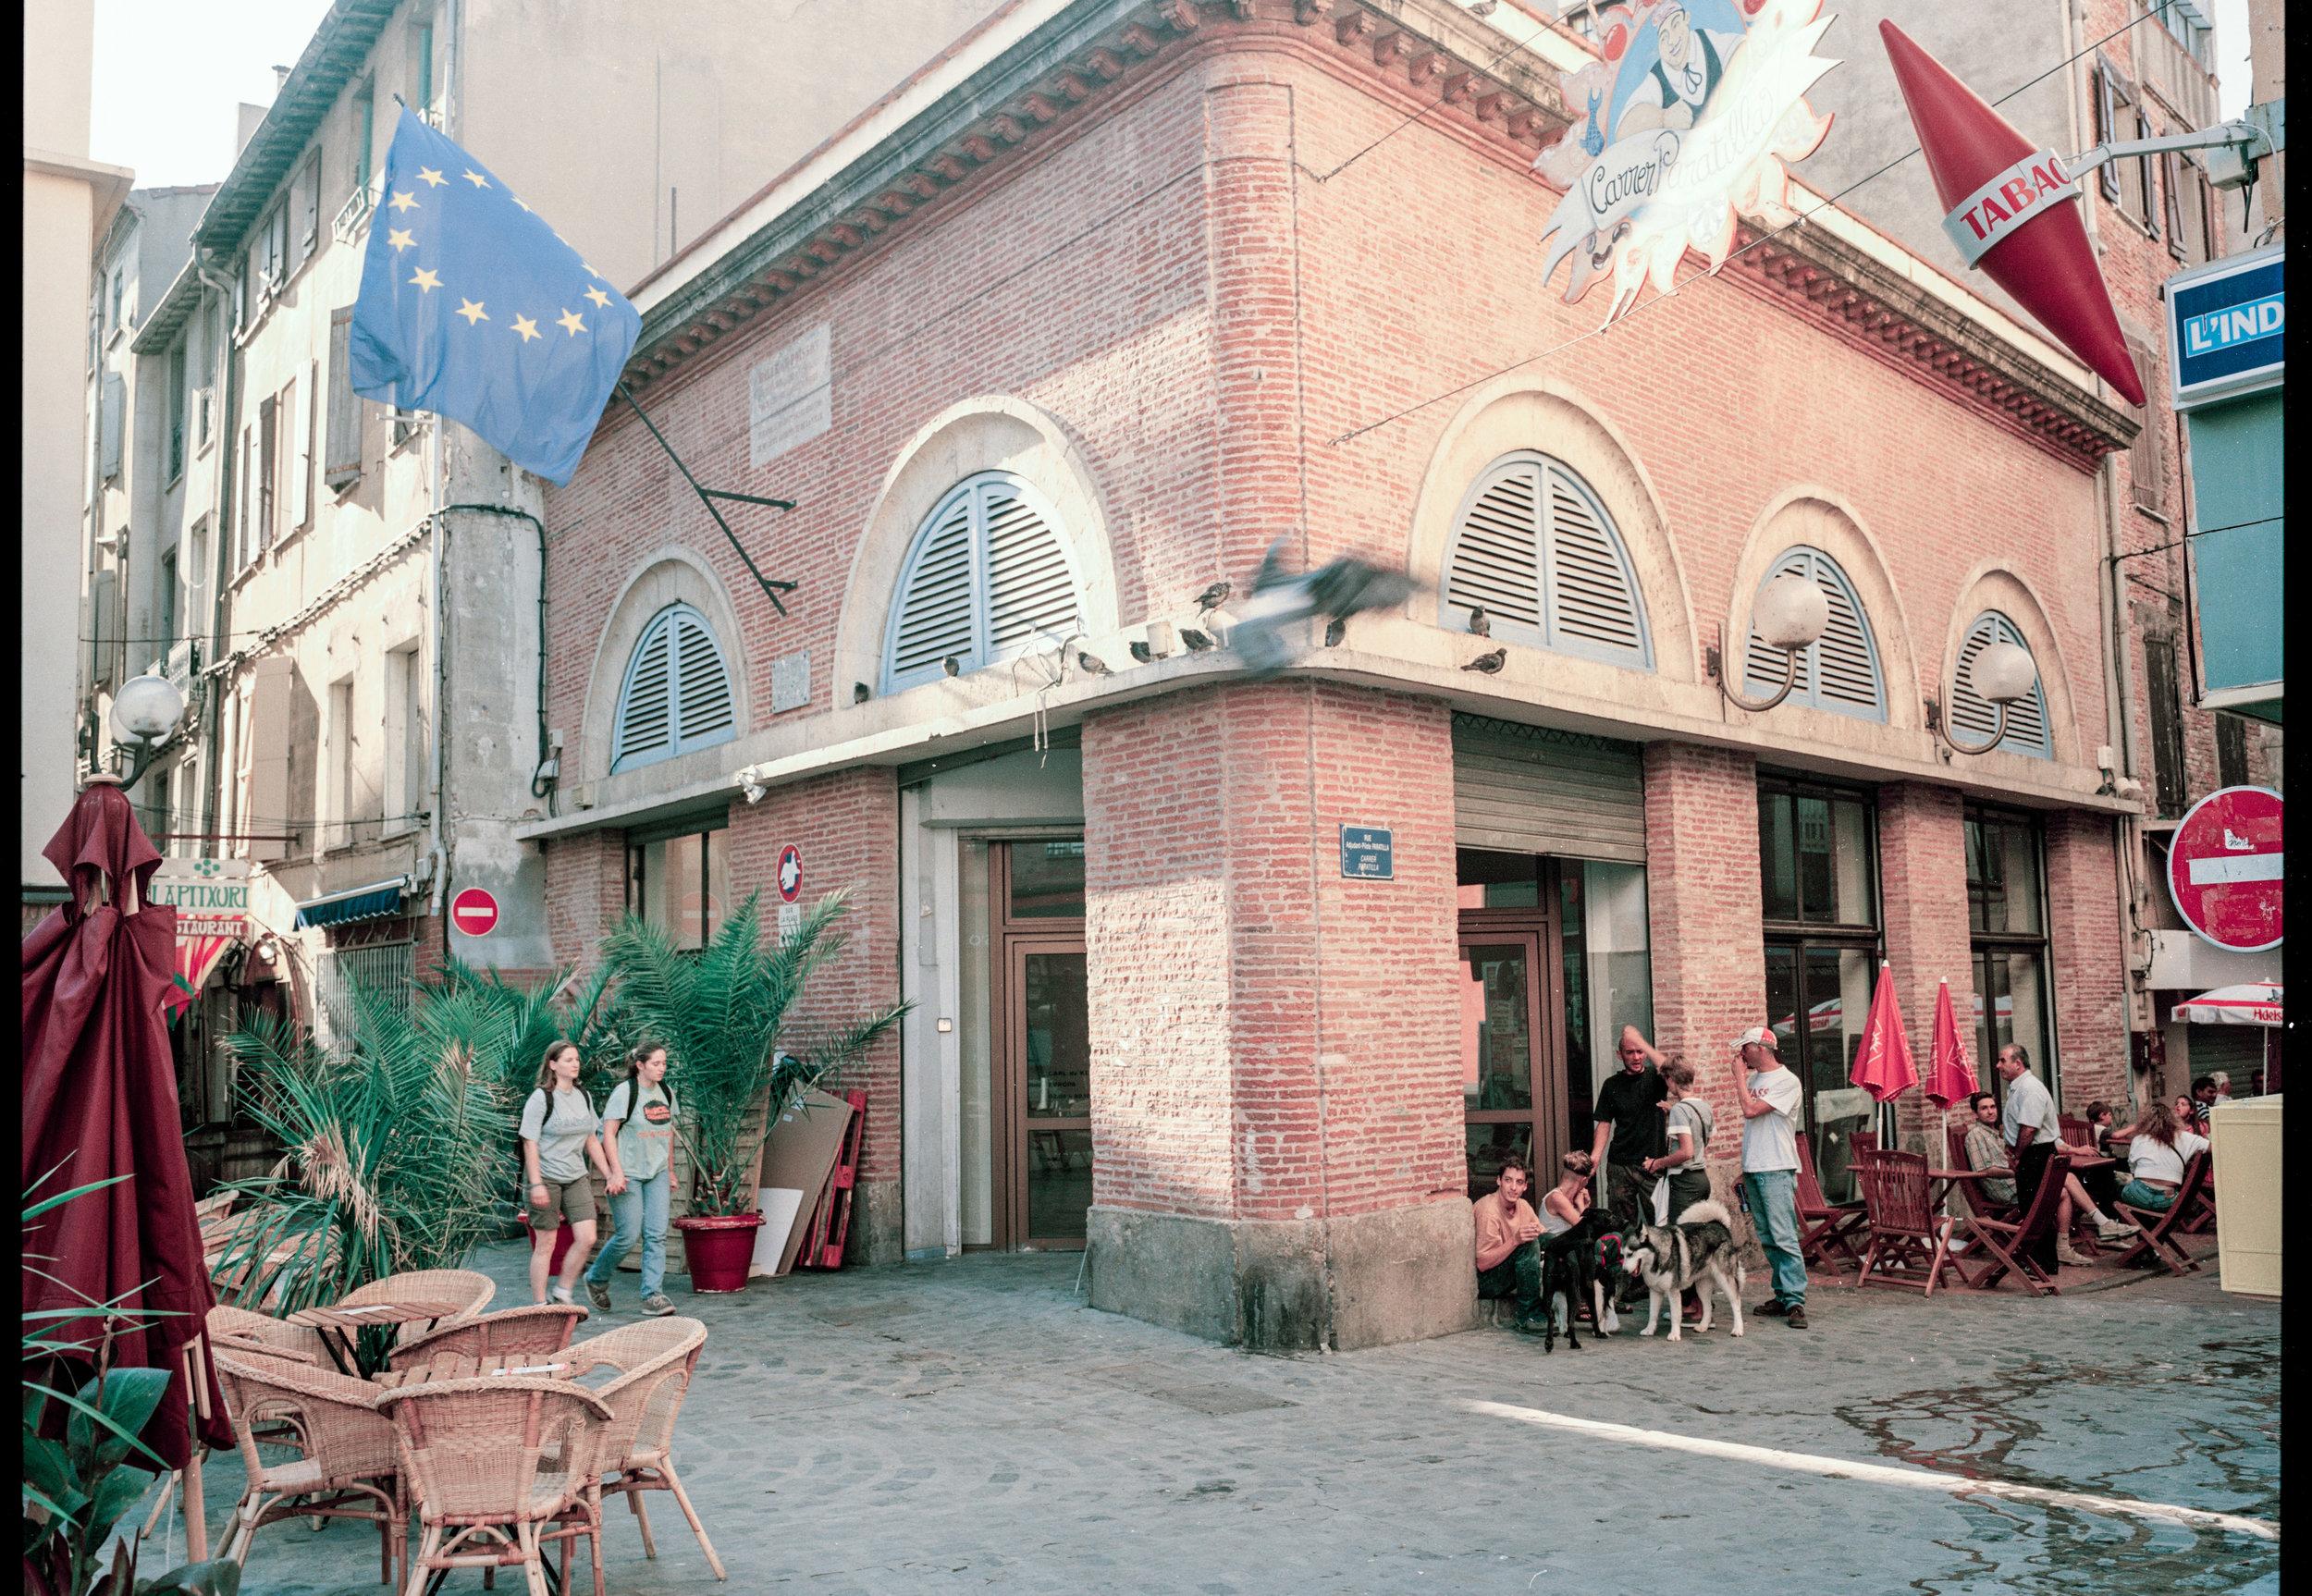 24-06-18-neg-kleur-expo-Europa-6 001.jpg